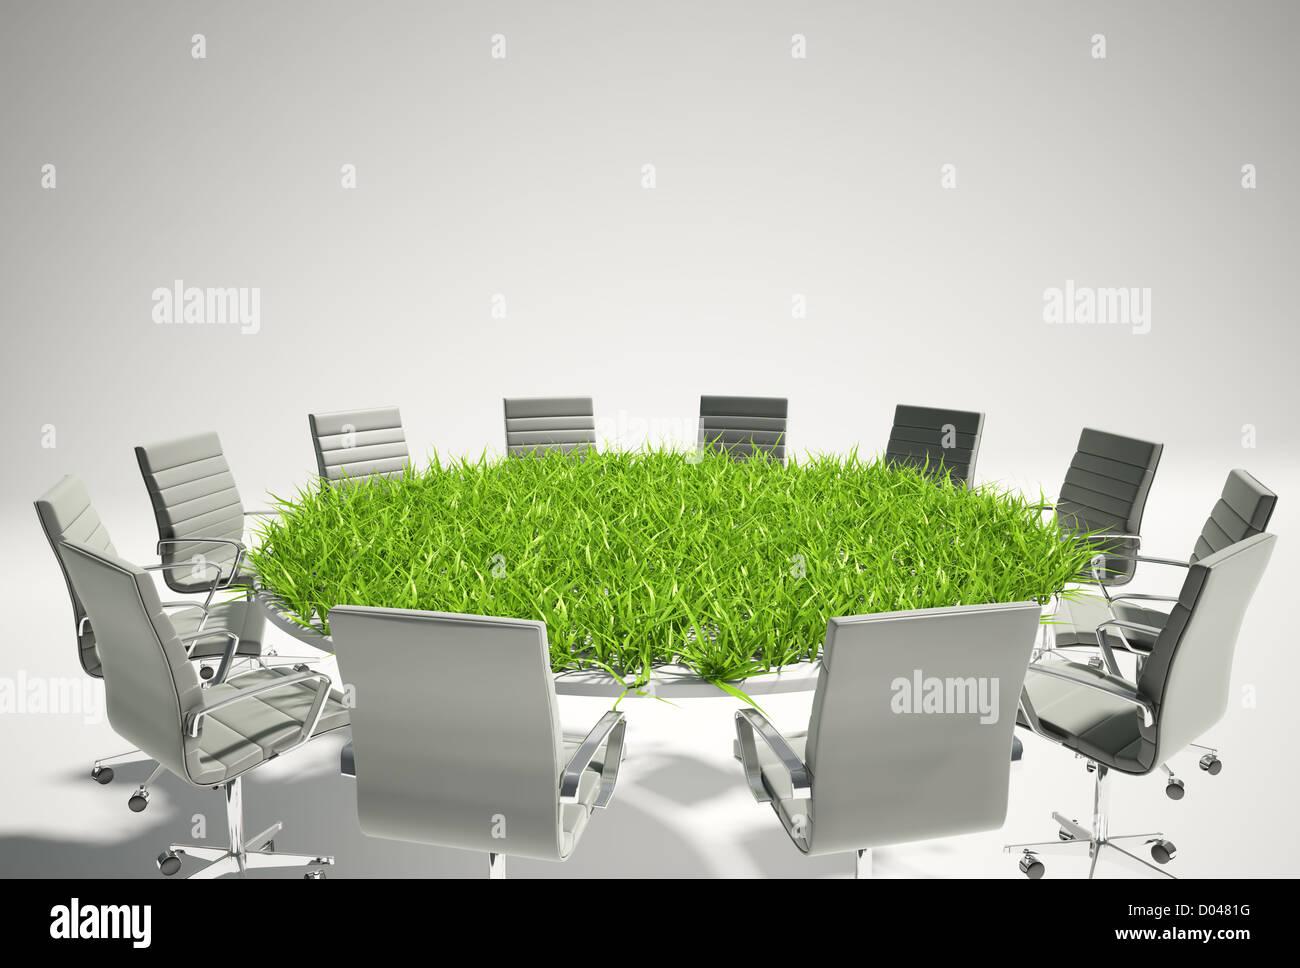 Table de conférence couverte d'herbe - Analyse des perspectives du concept Photo Stock